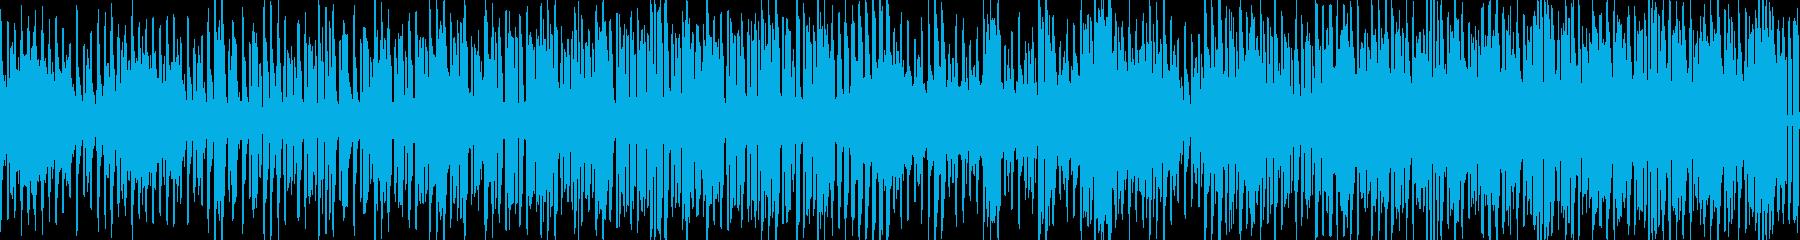 ループ仕様 爽やか4つ打ちエレクトロの再生済みの波形